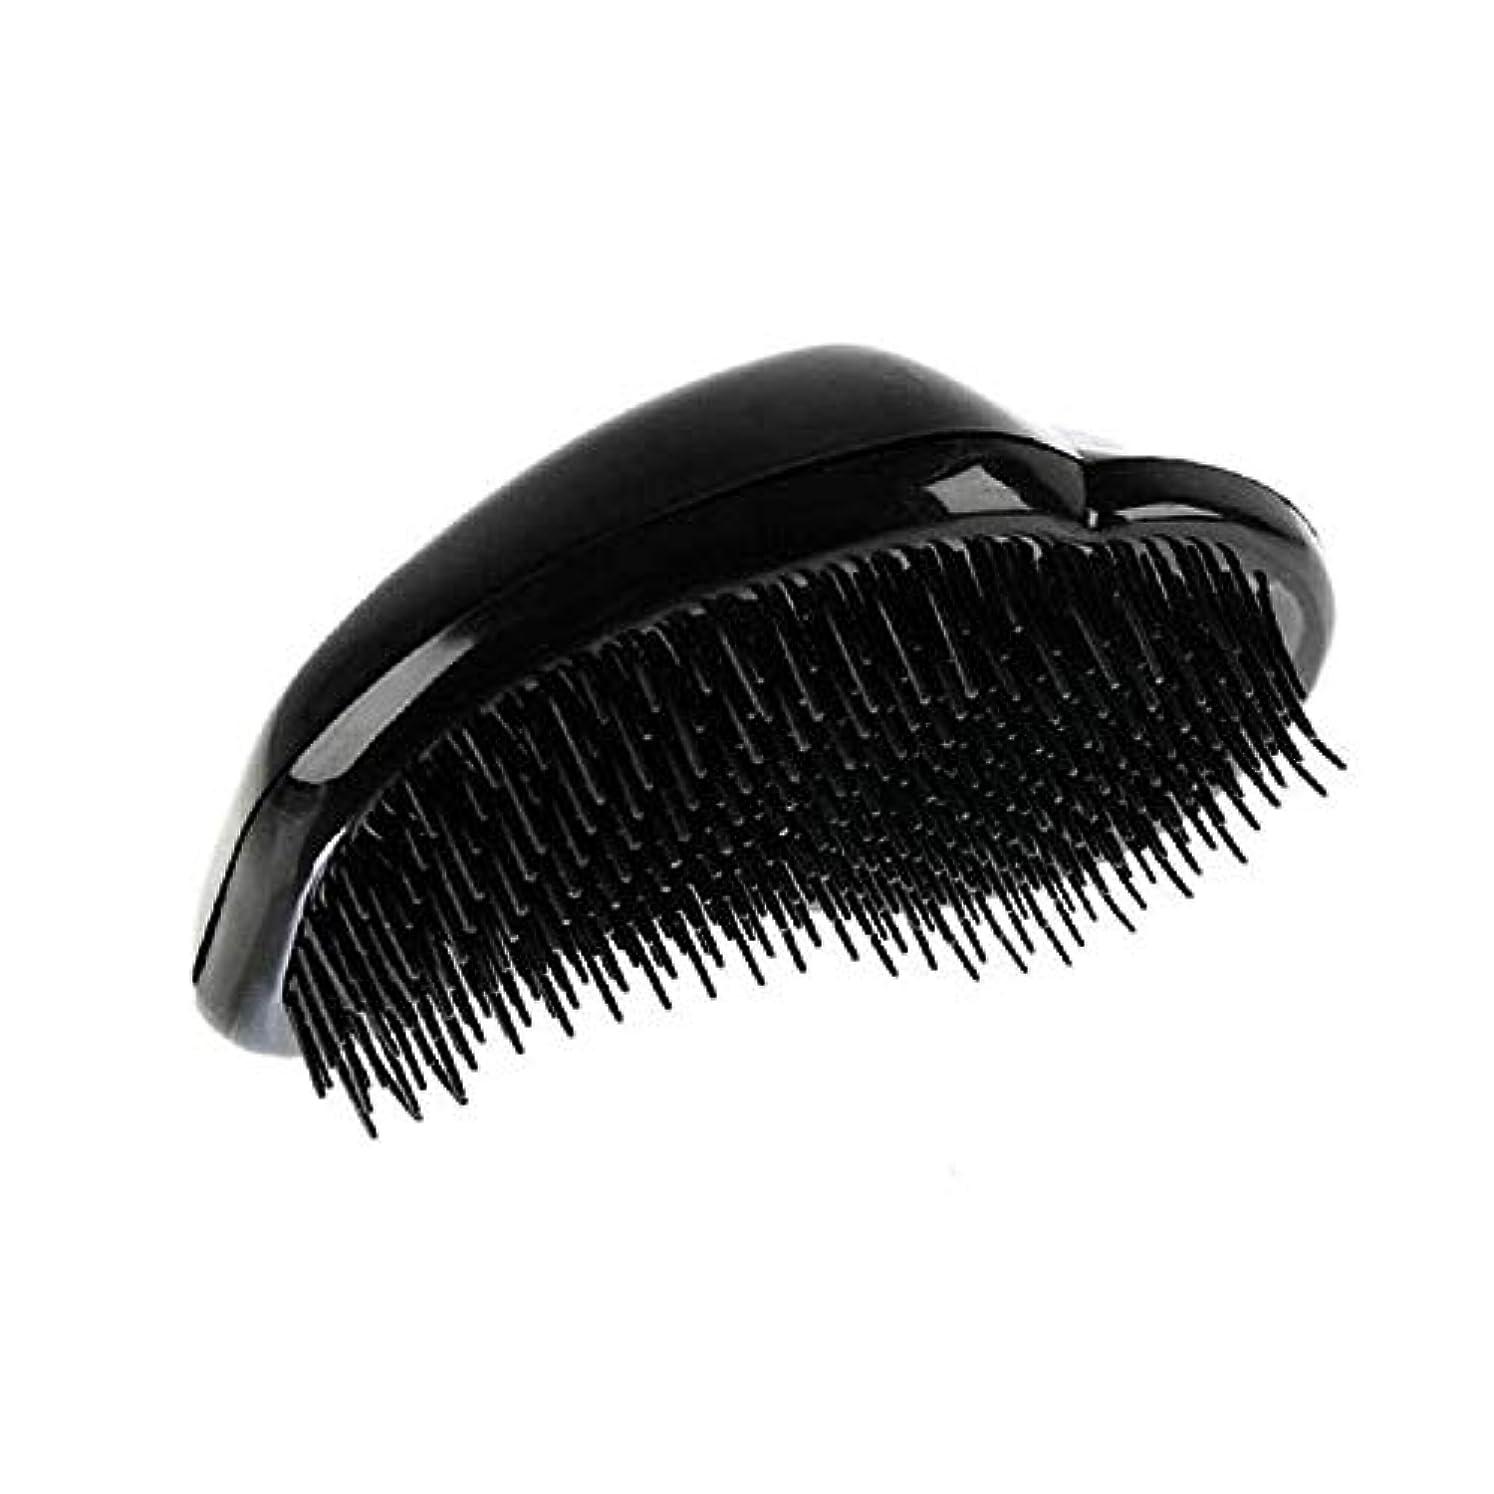 抽出腹部地域の1st market 黒のプラスチック製の髪の櫛理髪の櫛の女性のエアバッグの櫛のマッサージの櫛のヘアブラシ帯電防止デタングルの櫛パーフェクト軽量ポケットサイズ1ピース耐久性と便利